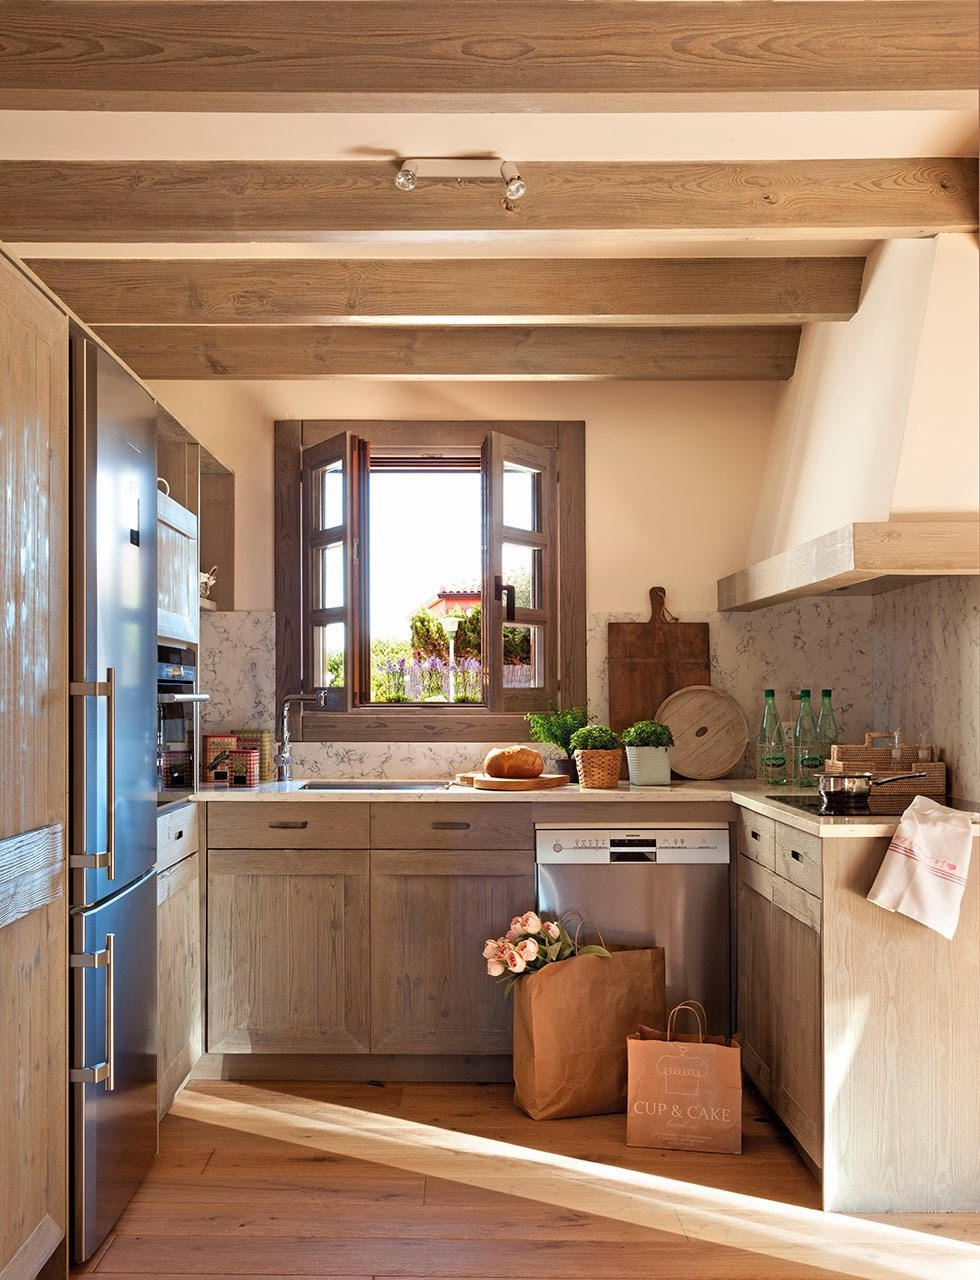 amenajari, interioare, decoratiuni, decor, design interior, casa de vacanta, culori neutre, bucatarie